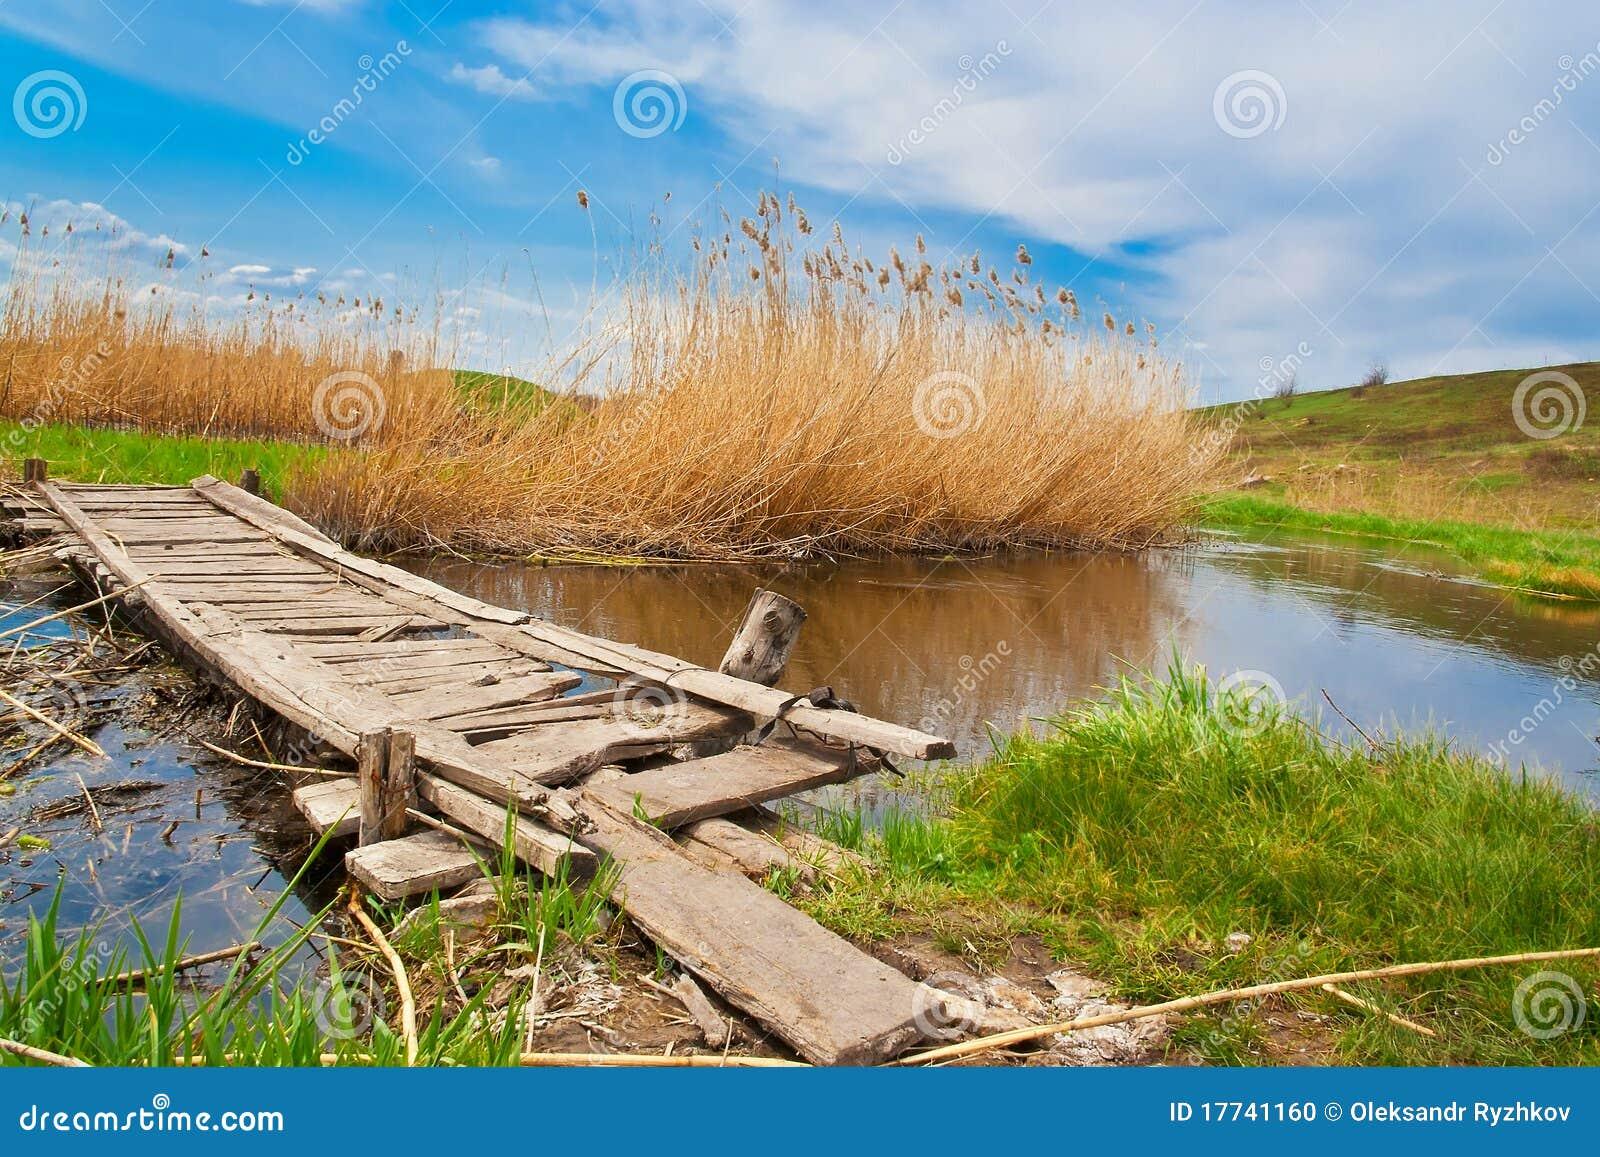 Garden Footbridge Plans